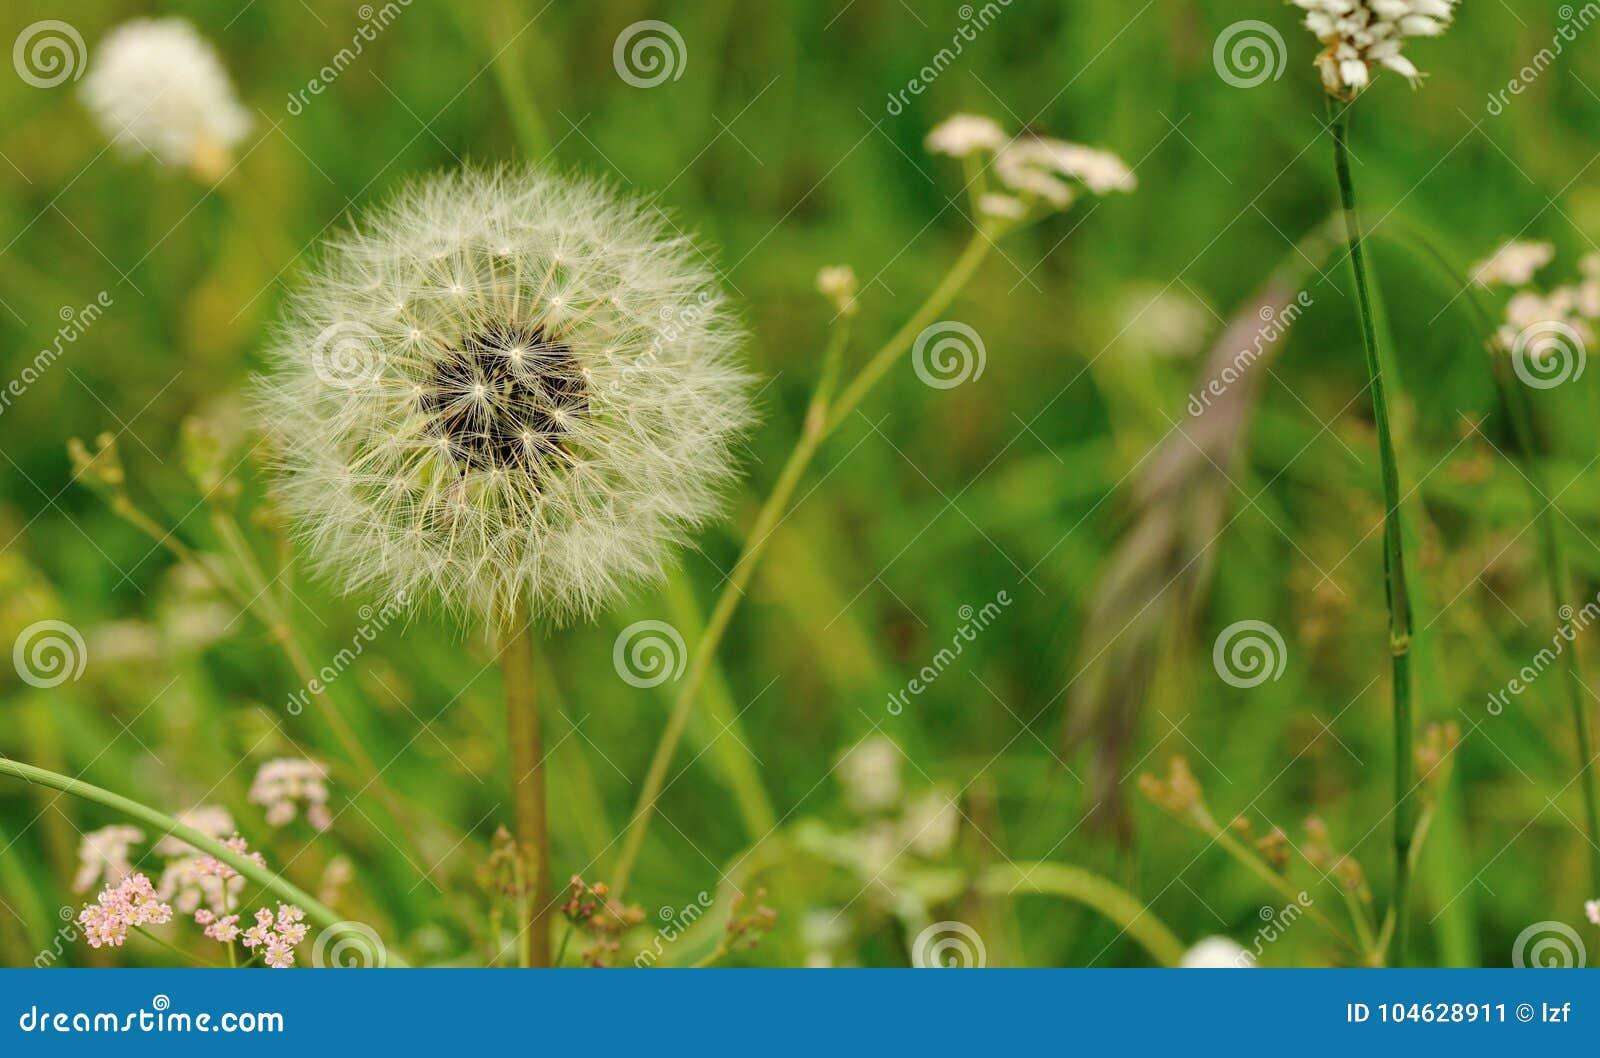 Download Paardebloembloem Op Een Groene Tuin Stock Afbeelding - Afbeelding bestaande uit sluit, landschap: 104628911